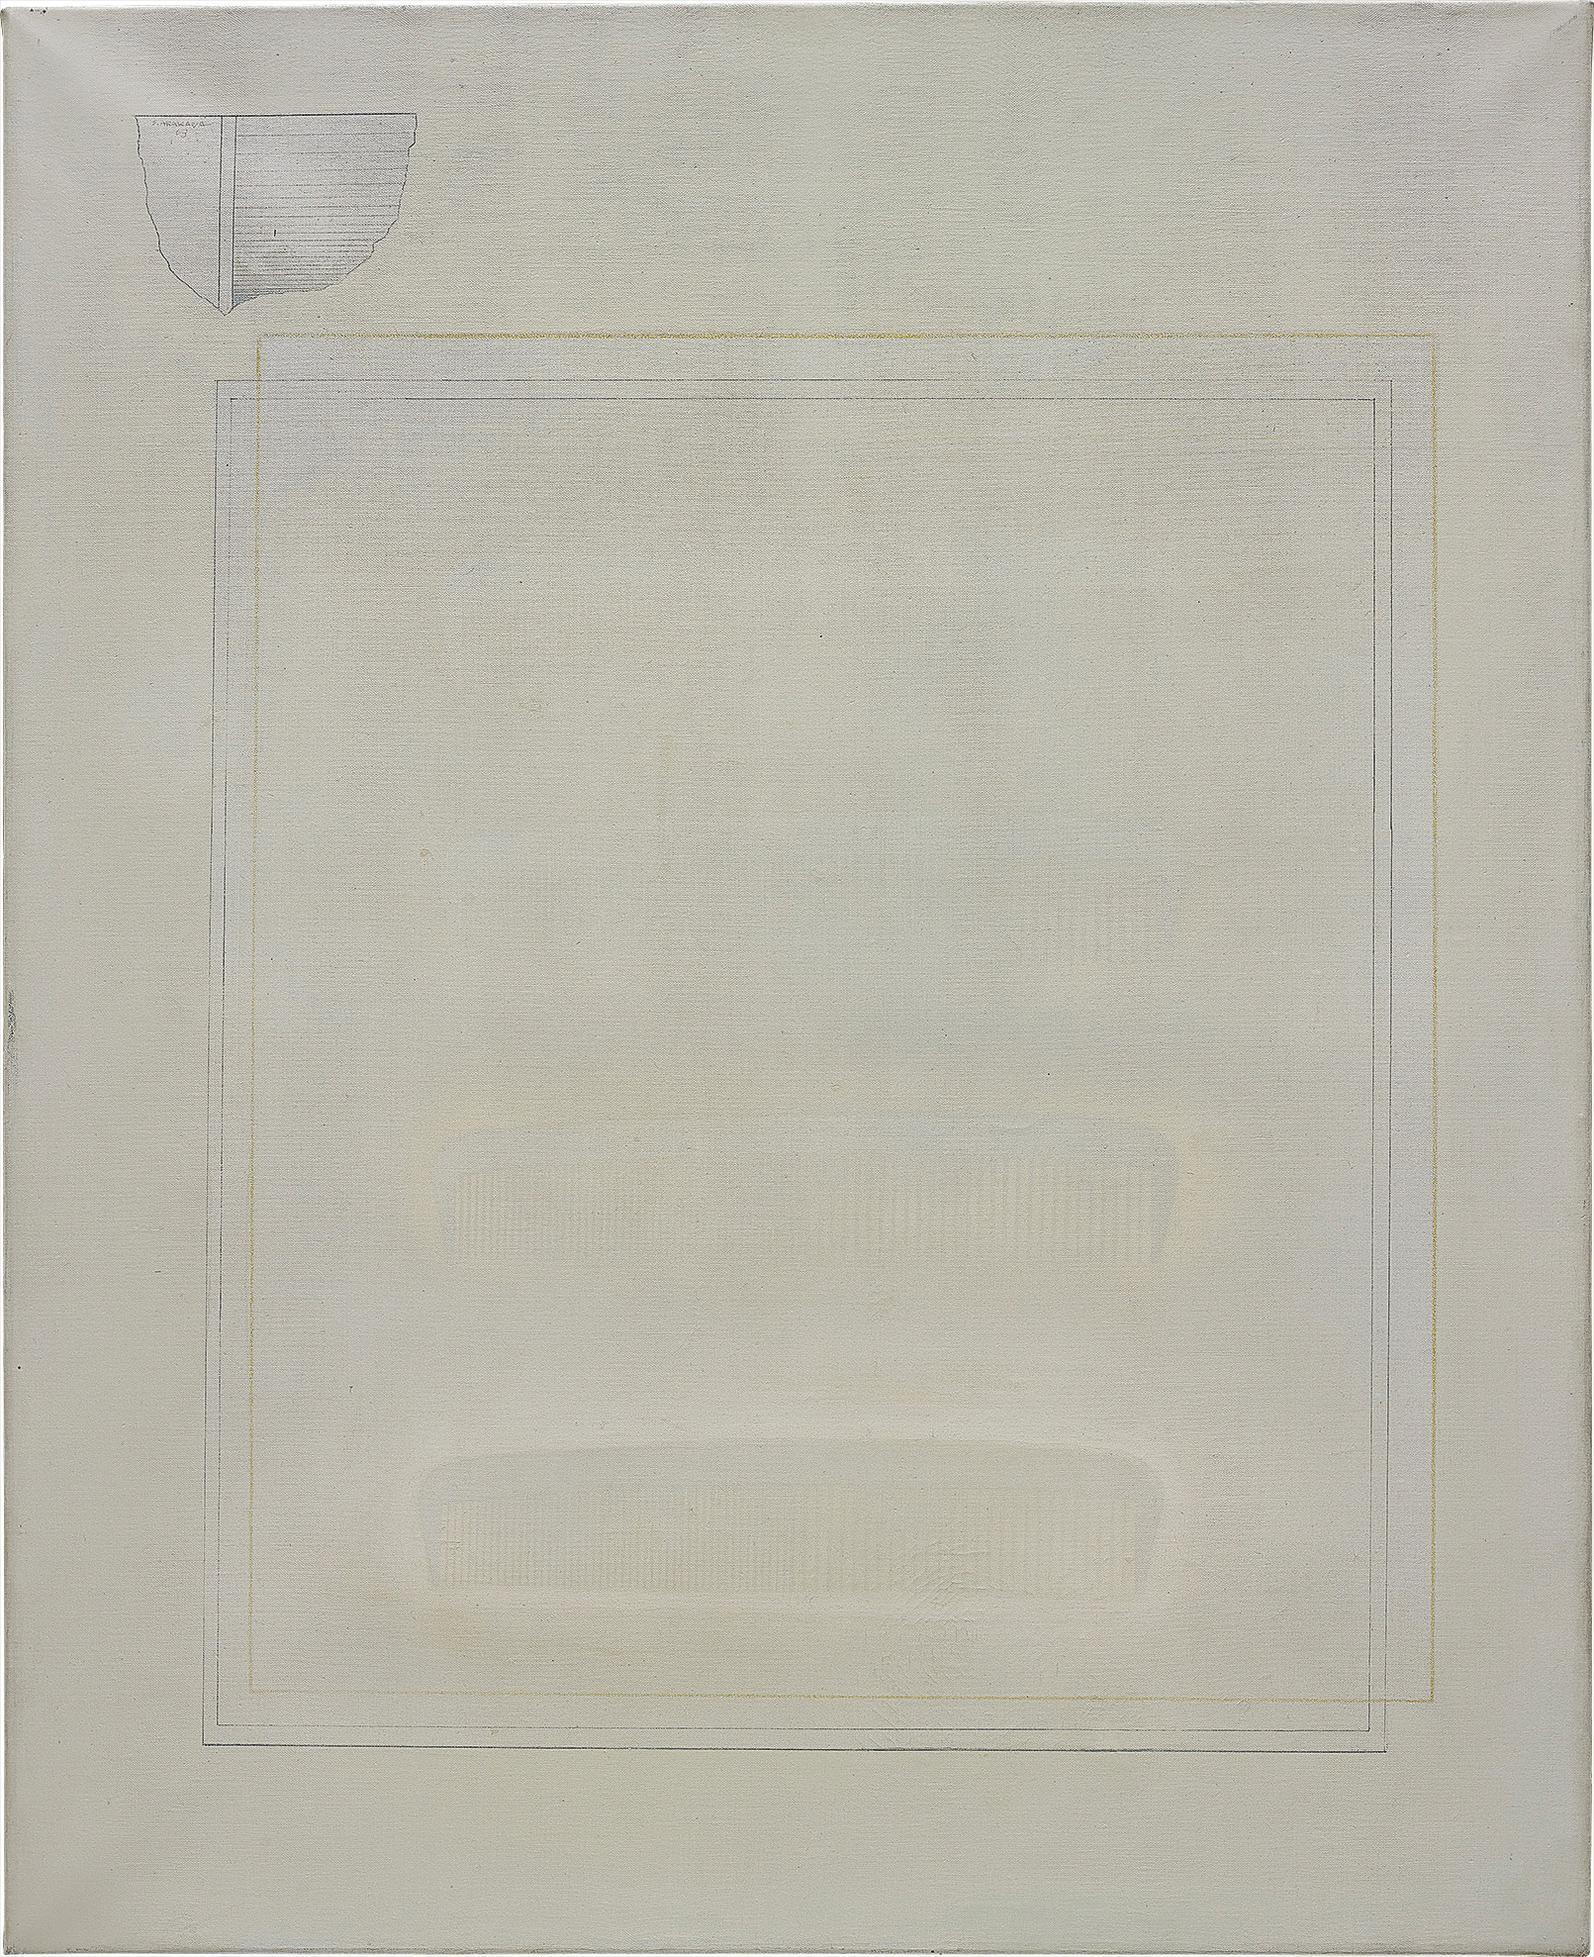 Shusaku Arakawa-Four Combs-1963